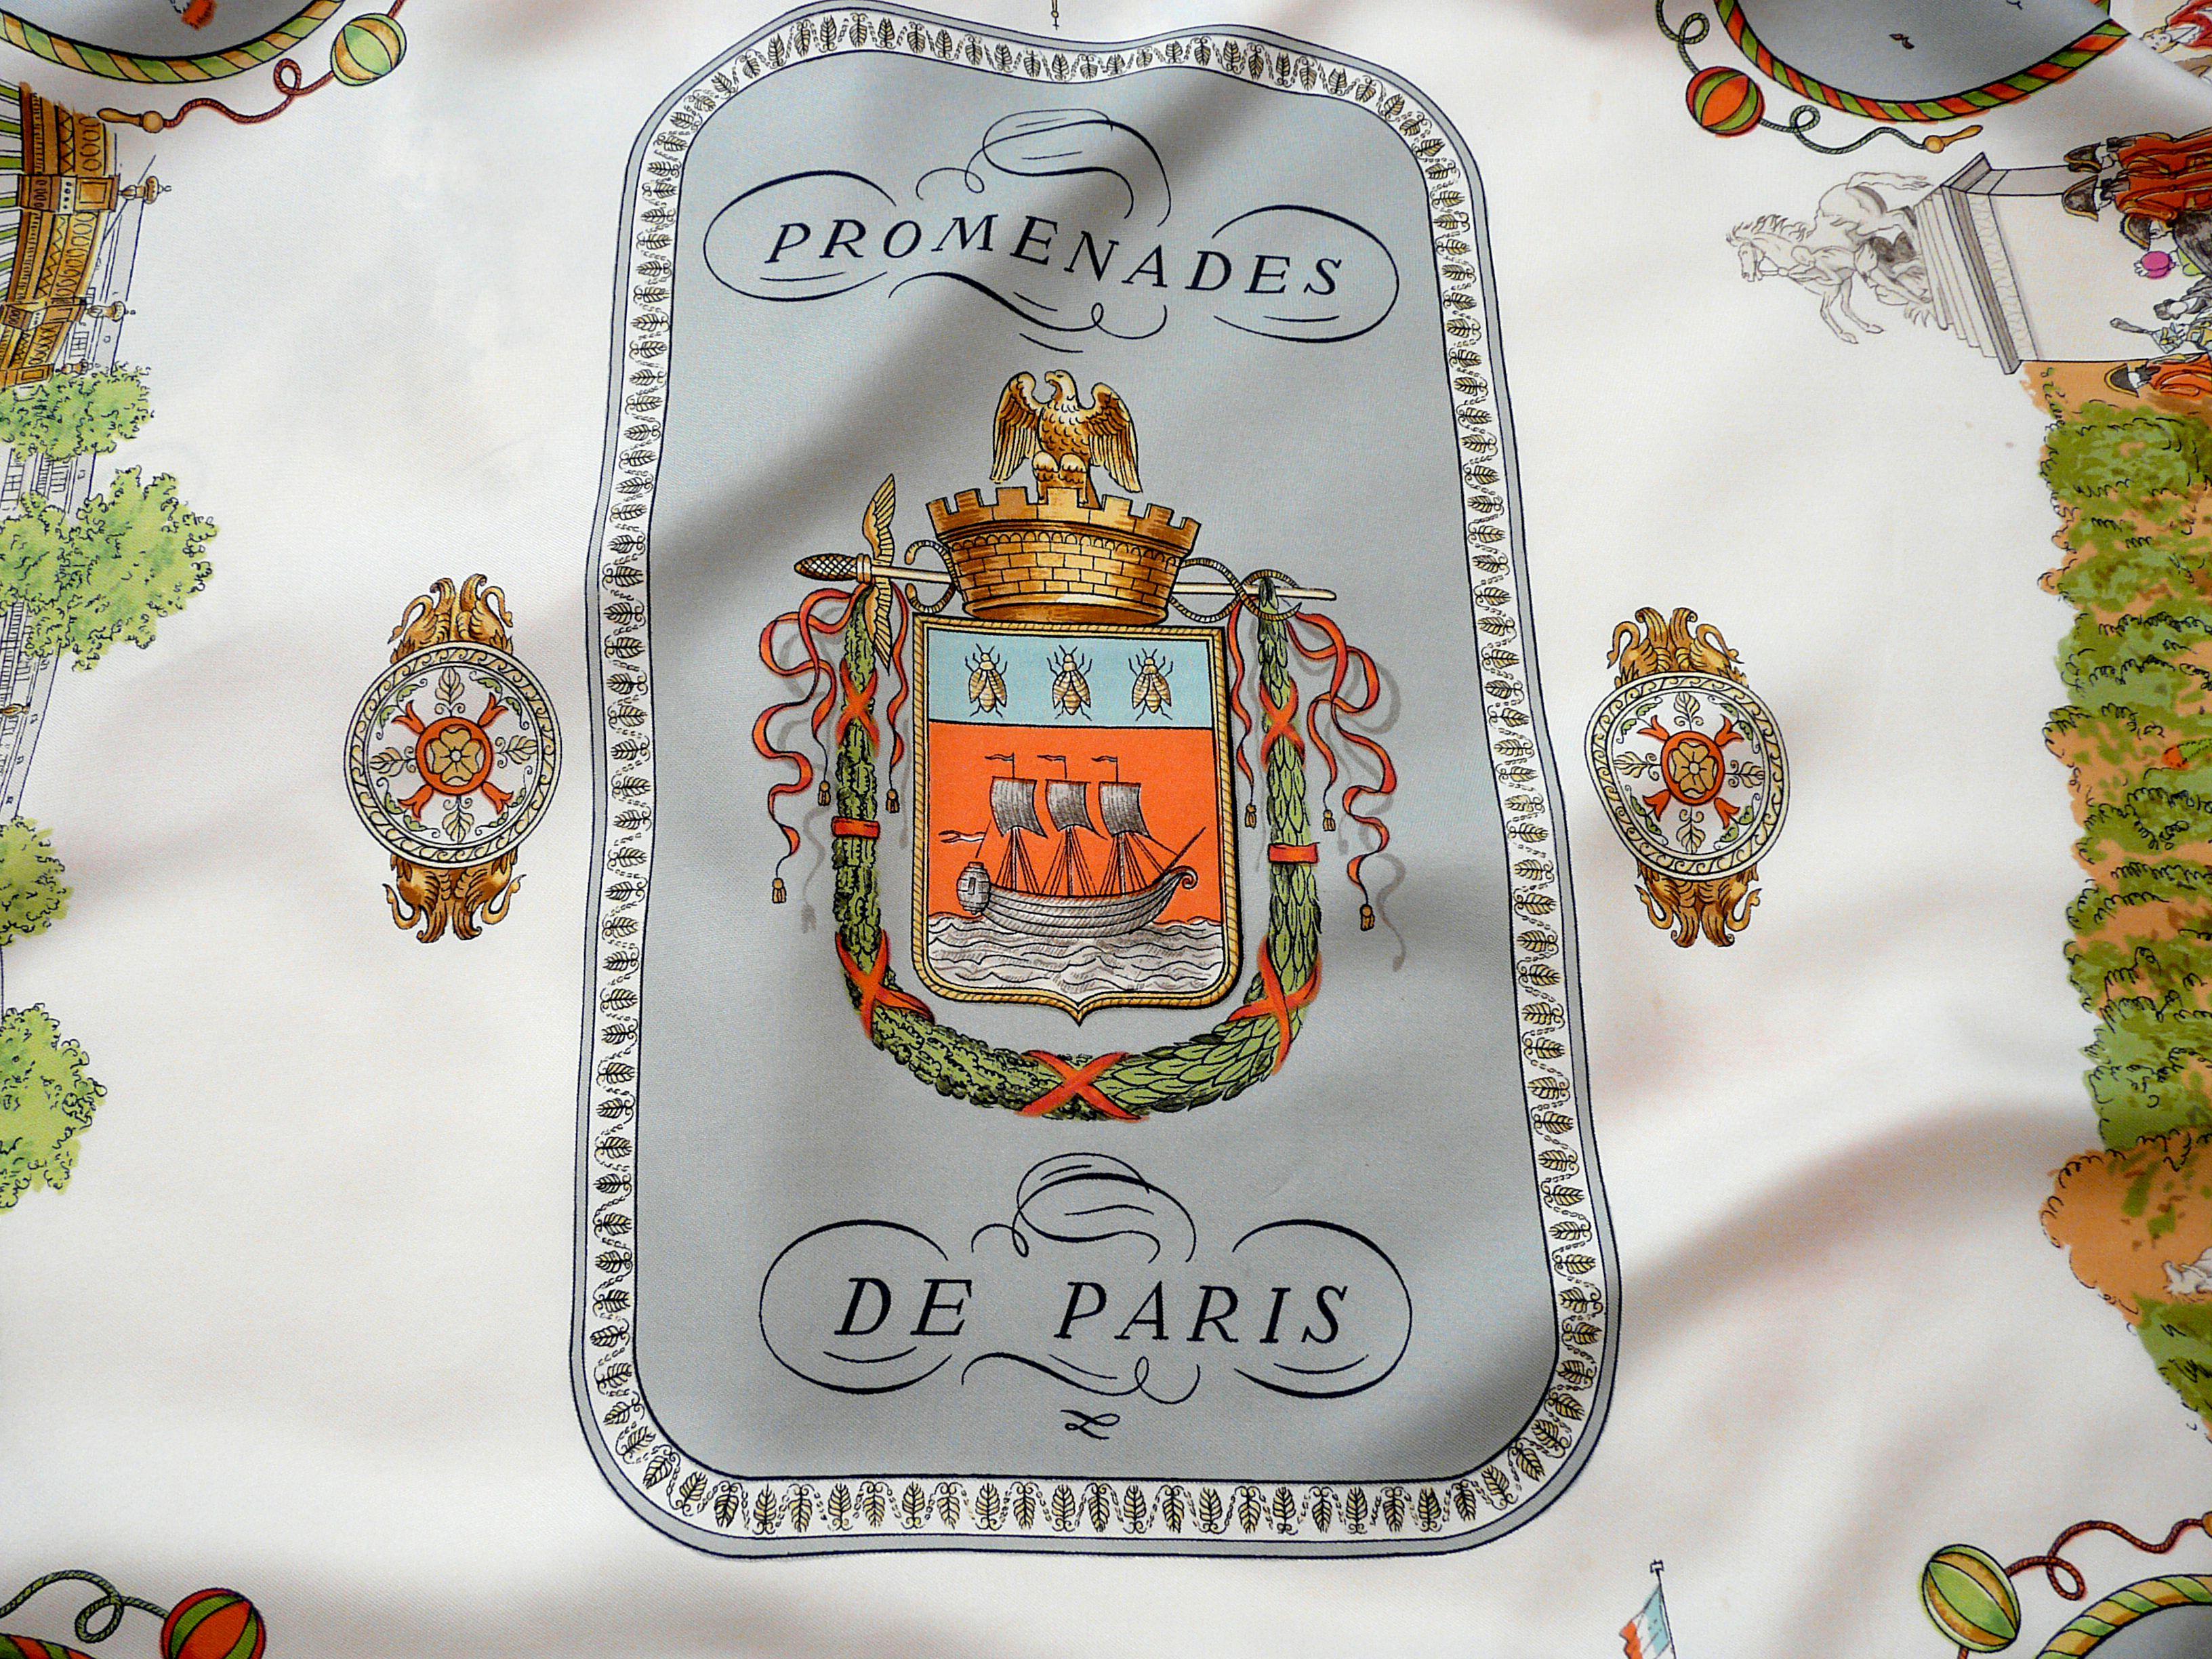 Promenades de Paris HERMES 1962, Coat f Arms